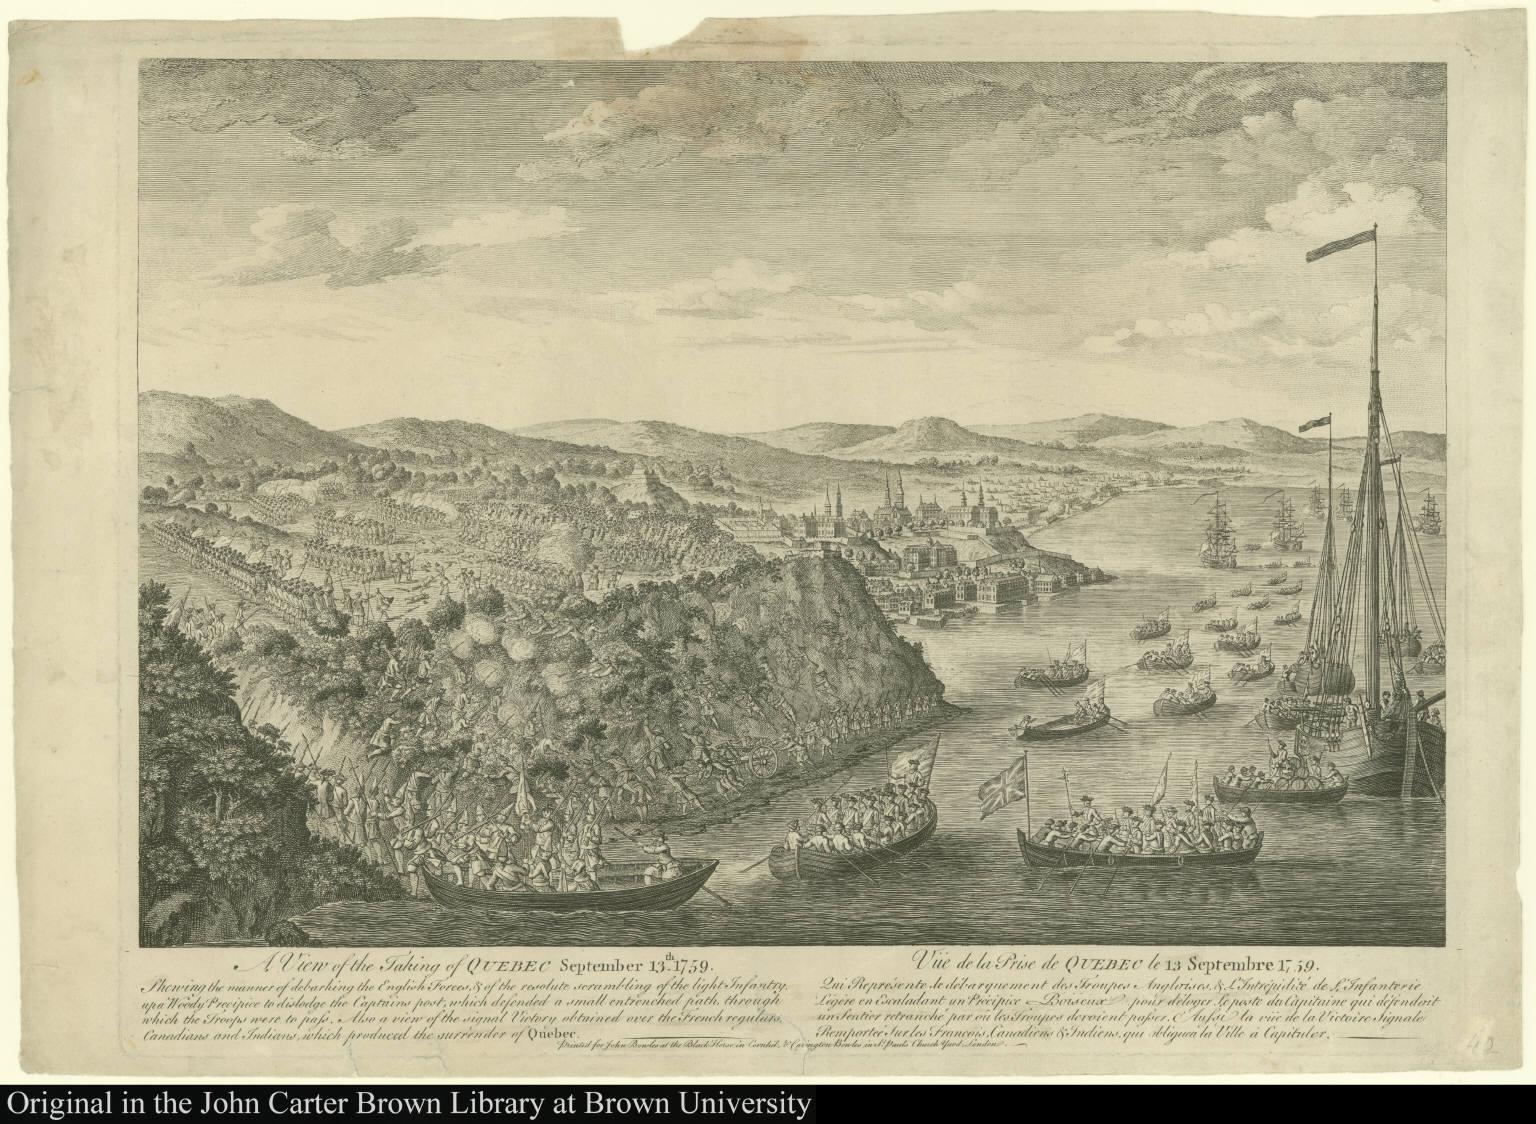 A View of the Taking of Quebec September 13th. 1759. Shewing the manner of debarking the English Forces ...Vüe de la Prise de Quebec le 13 Septembre 1759. Qui Représente de débarquement des Troupes Angloise ...